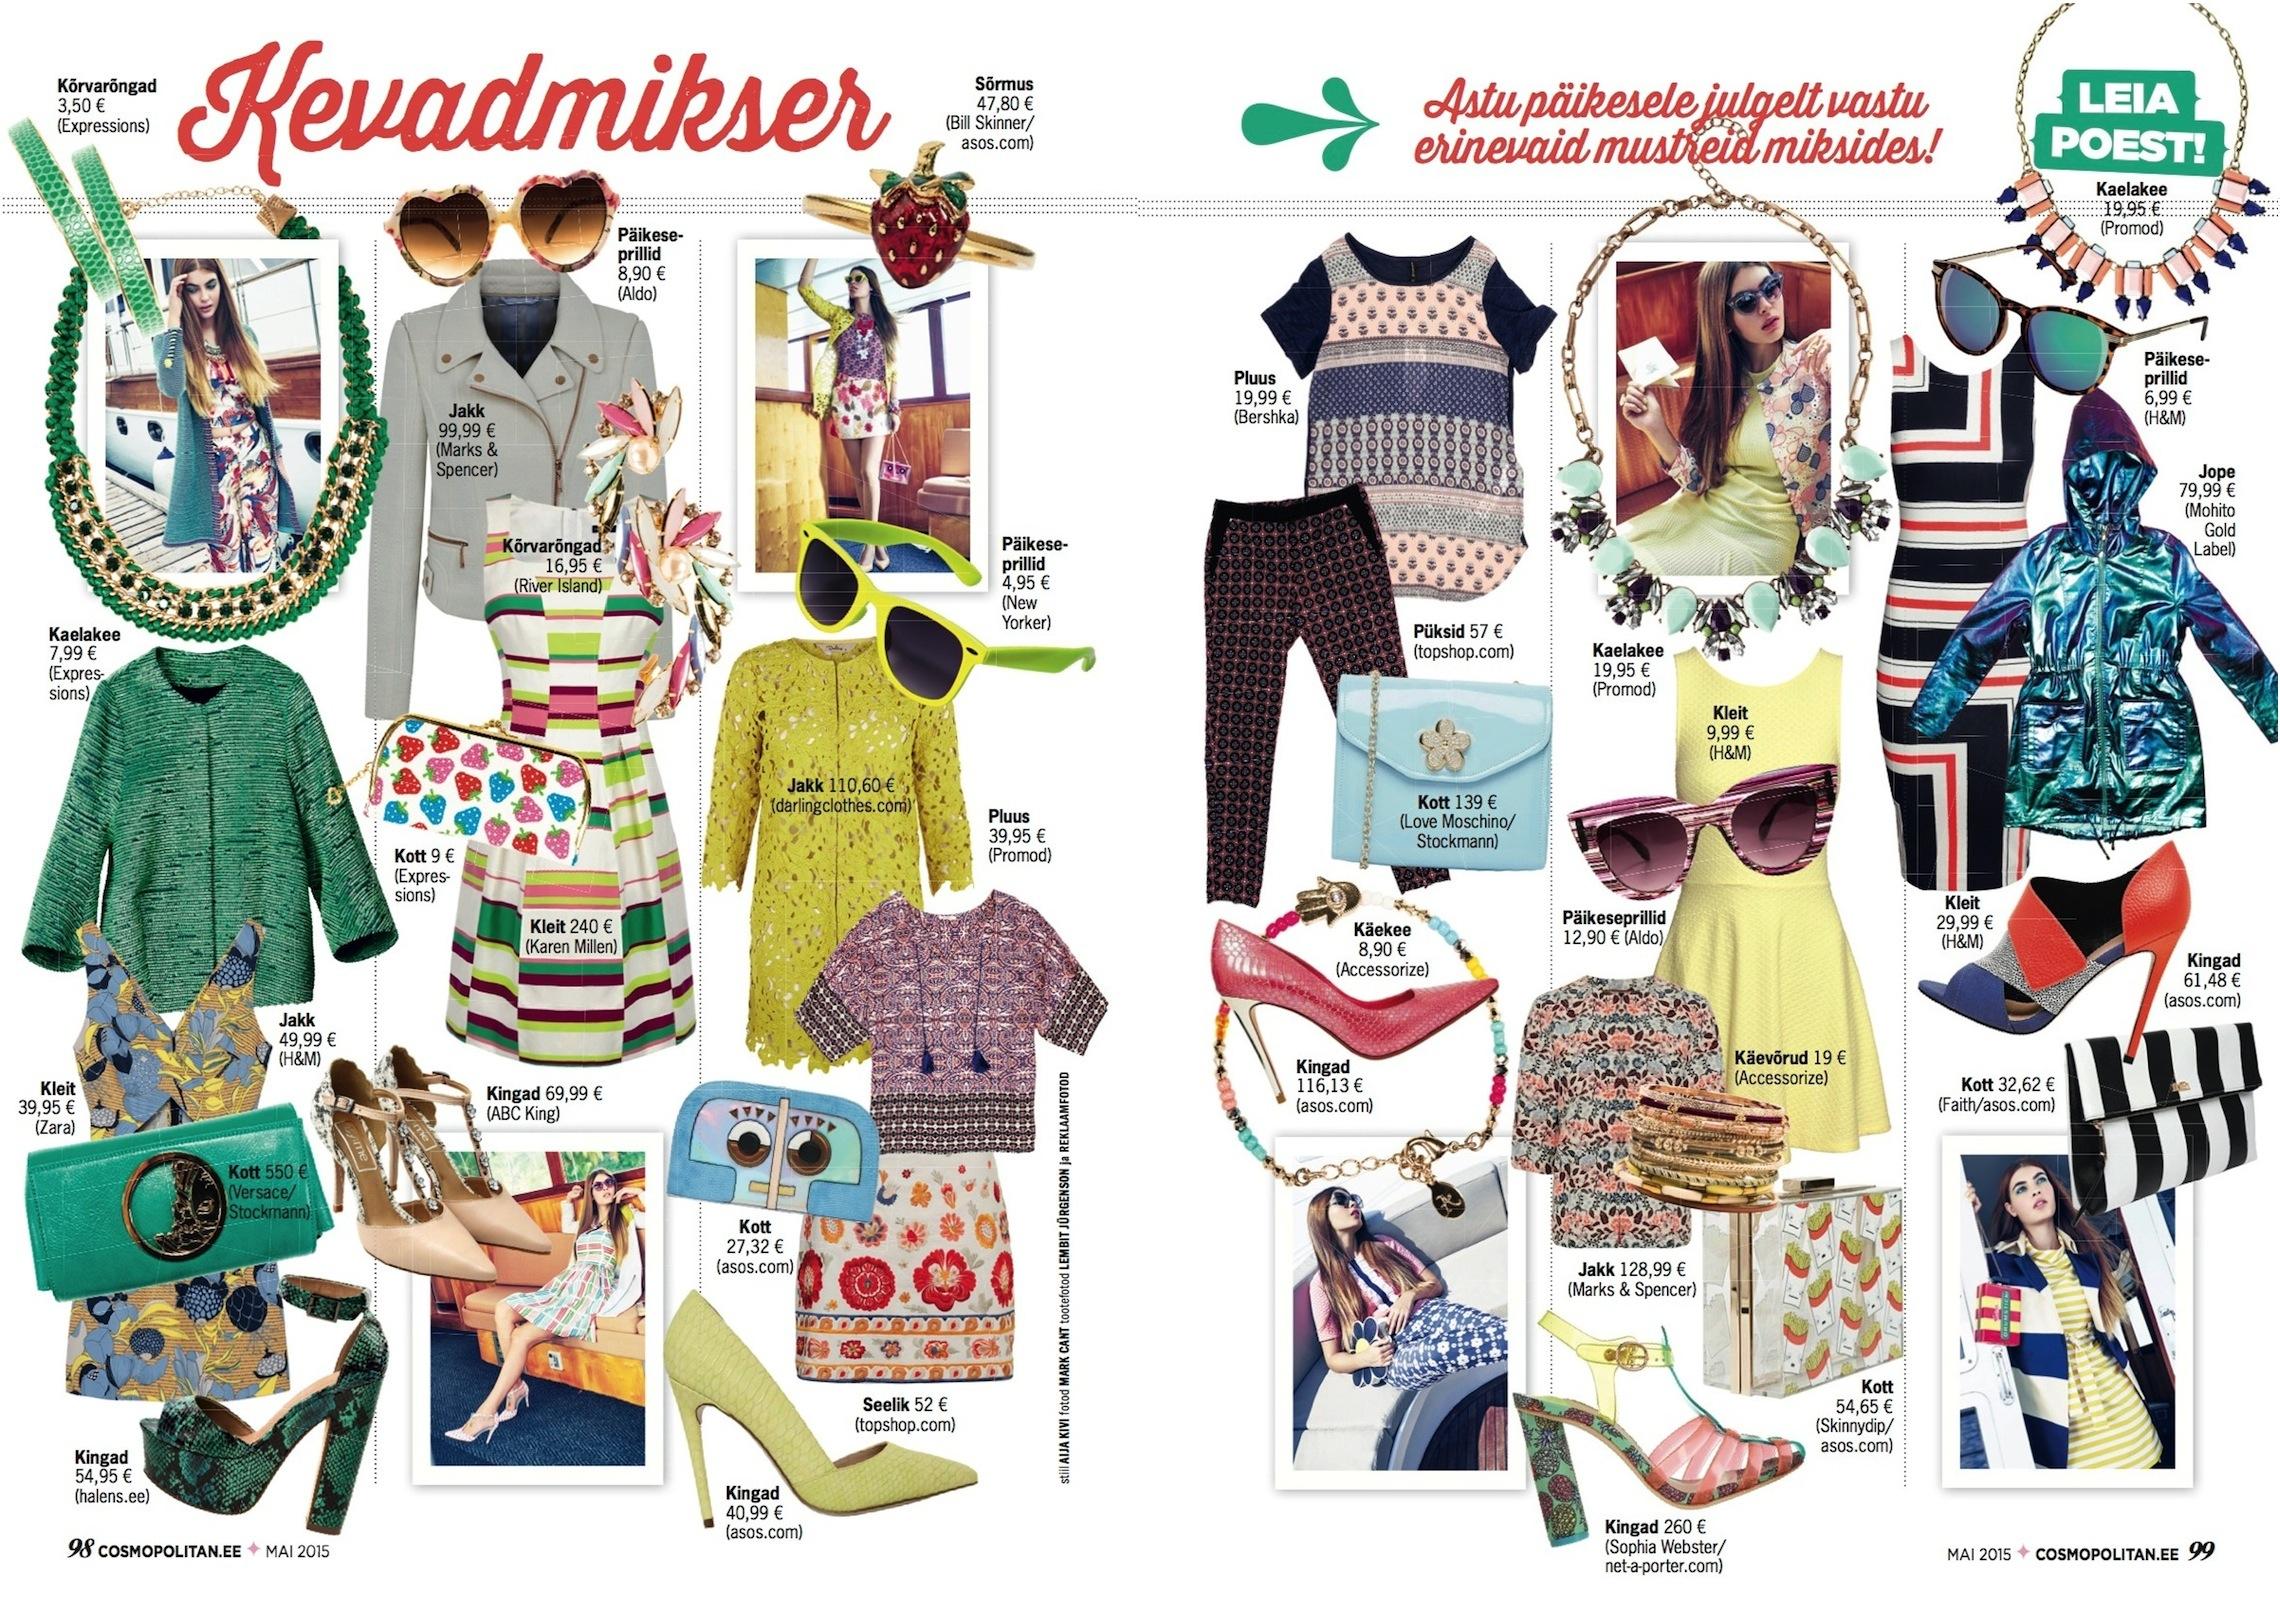 086-aija-kivi-for-cosmopolitan-estonia-magazine-stylist-fashion-editor-copy